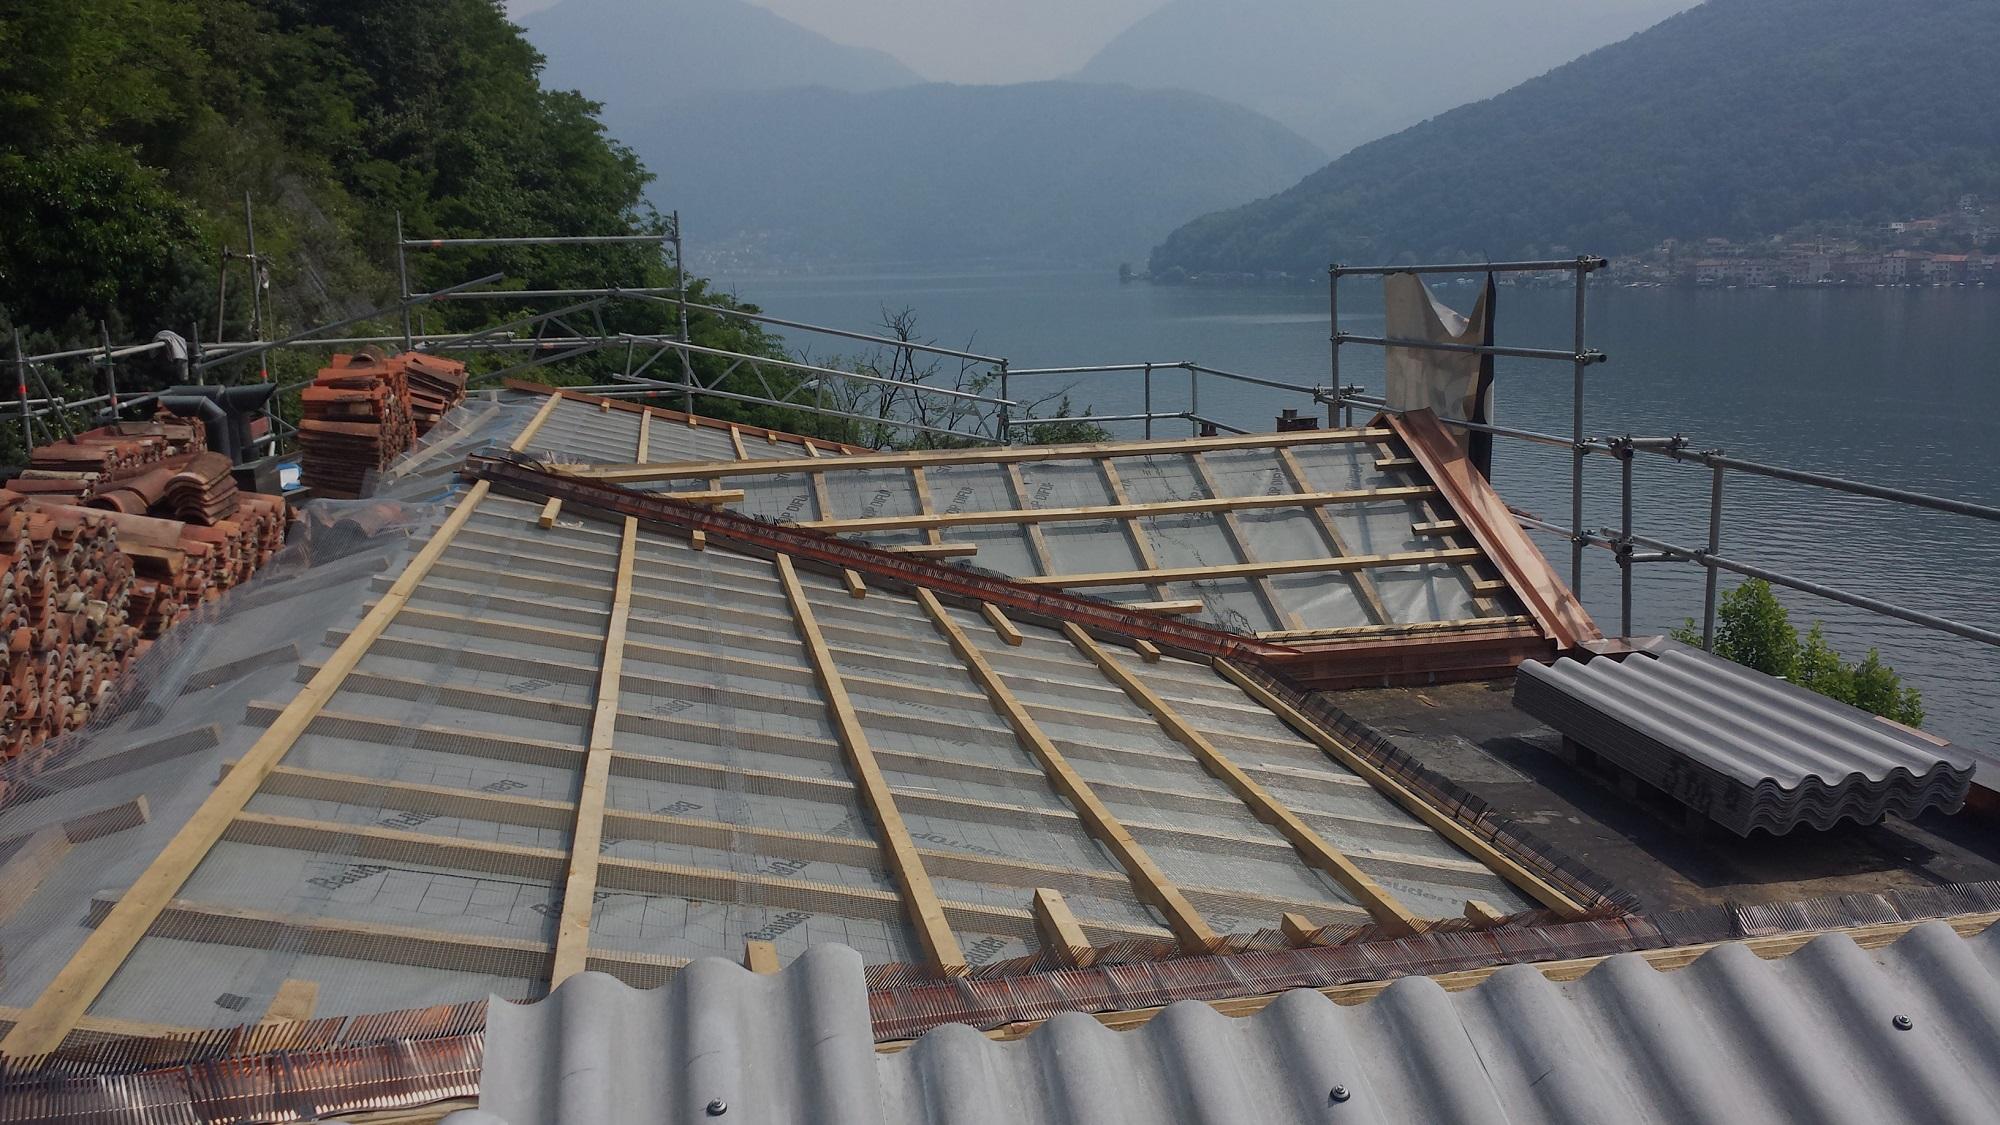 Rifacimento tetti | RISI Carpenteria - Ticino - Svizzera